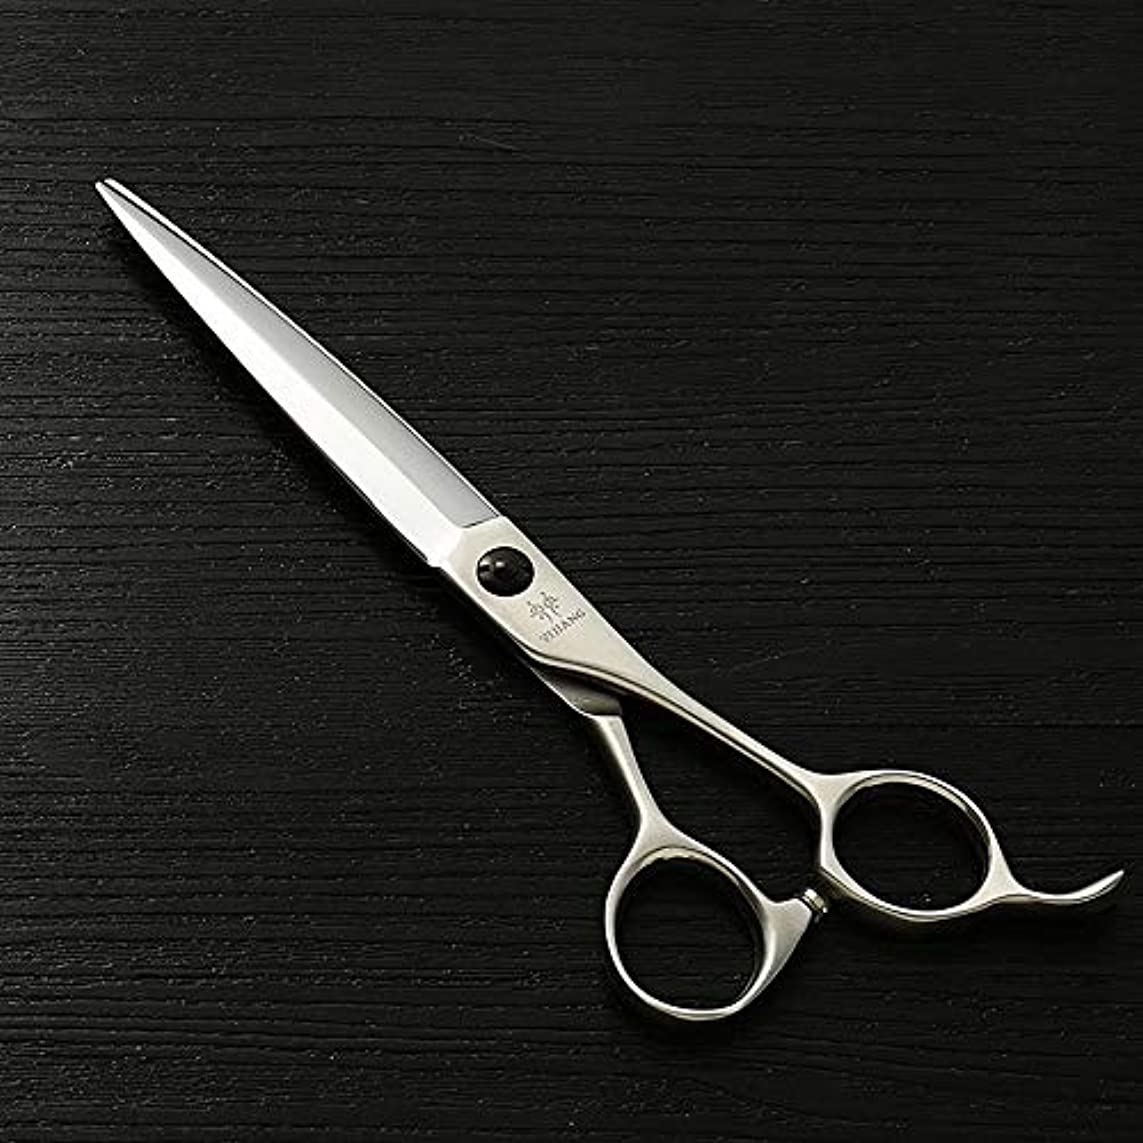 海峡ひも聴く壊れた理髪用はさみ ハイエンドバリカン、440Cステンレススチールヘアカッティングツール、6インチベアリングスクリューヘアシザーヘアカットシアーステンレス理髪師ハサミ (色 : Silver)